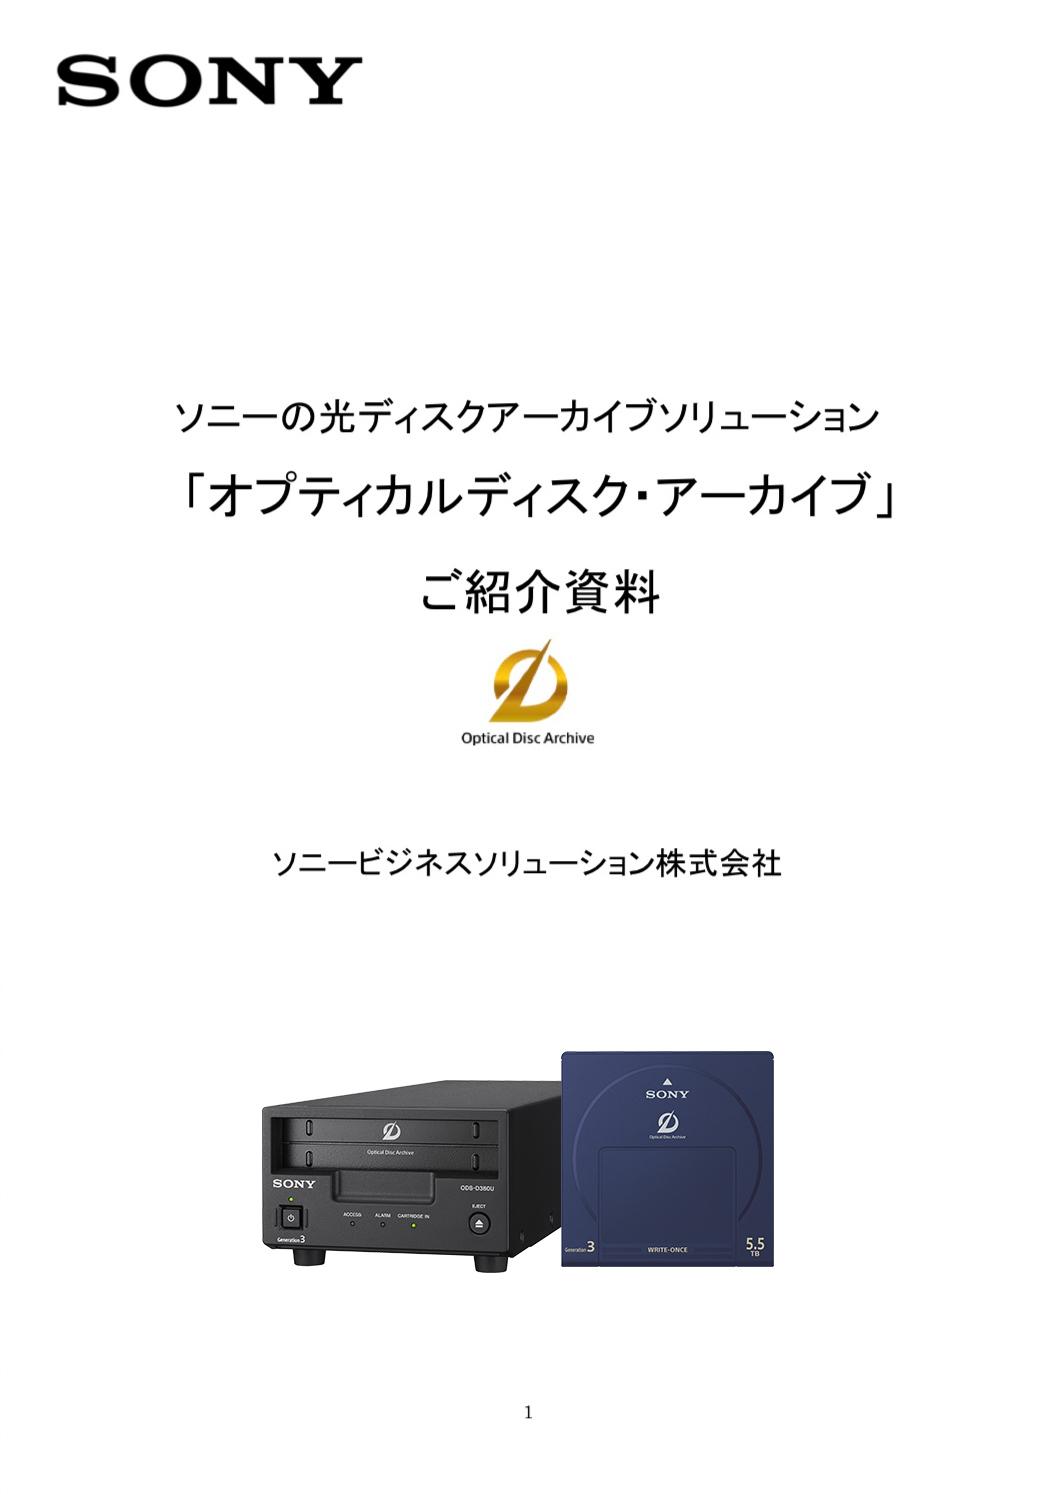 ソニーの光ディスクアーカイブソリューション 「オプティカルディスク・アーカイブ」ご紹介資料